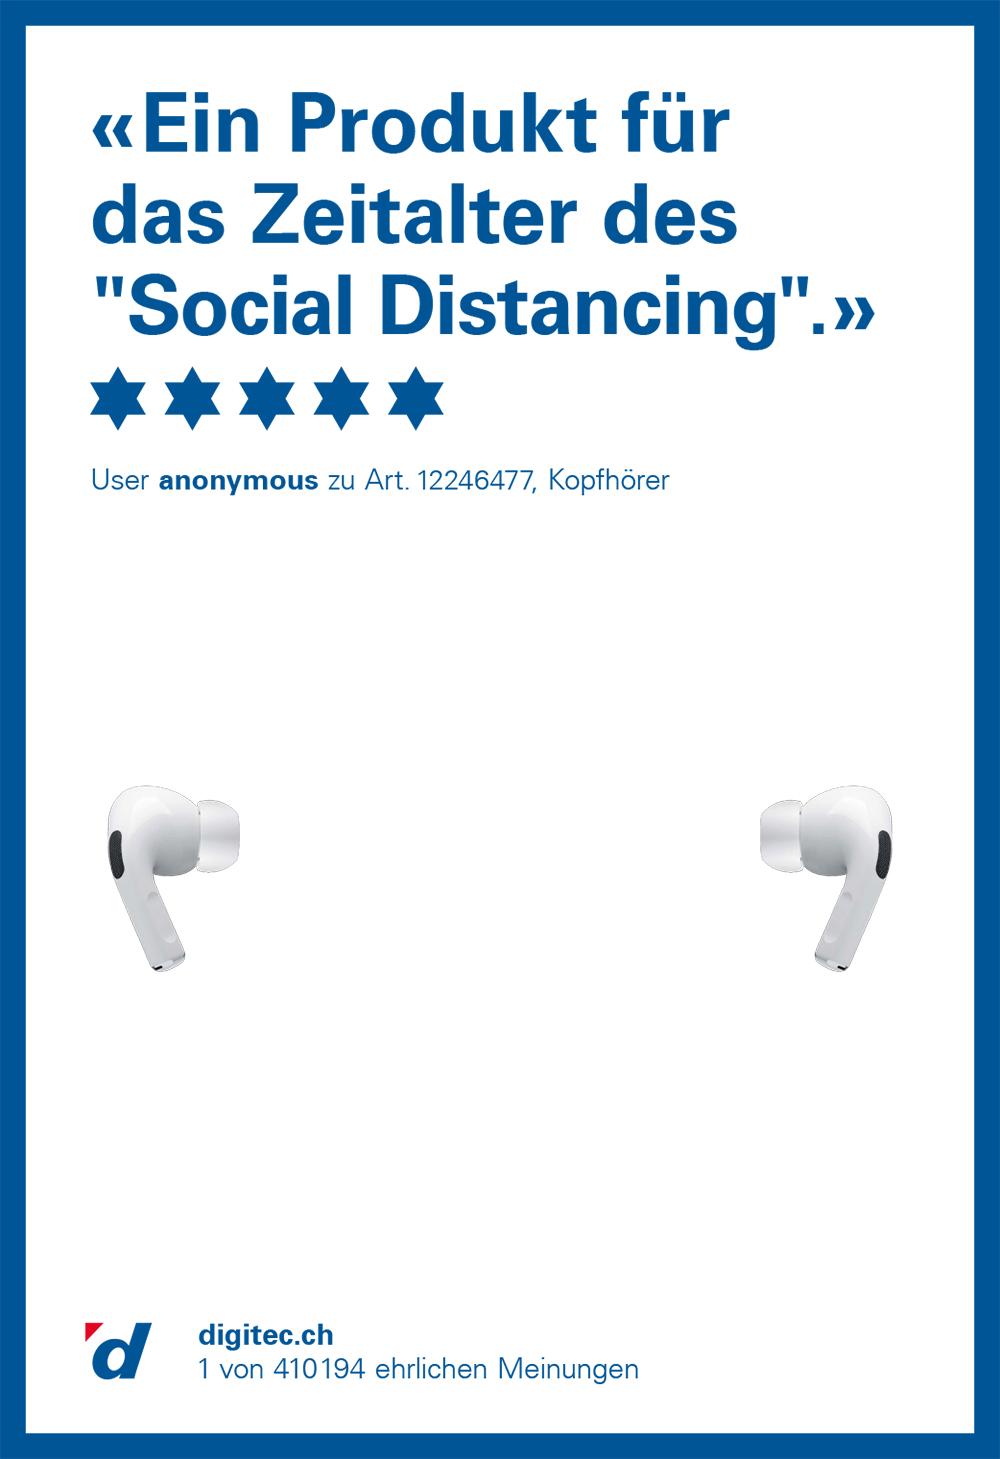 Digitec_Social